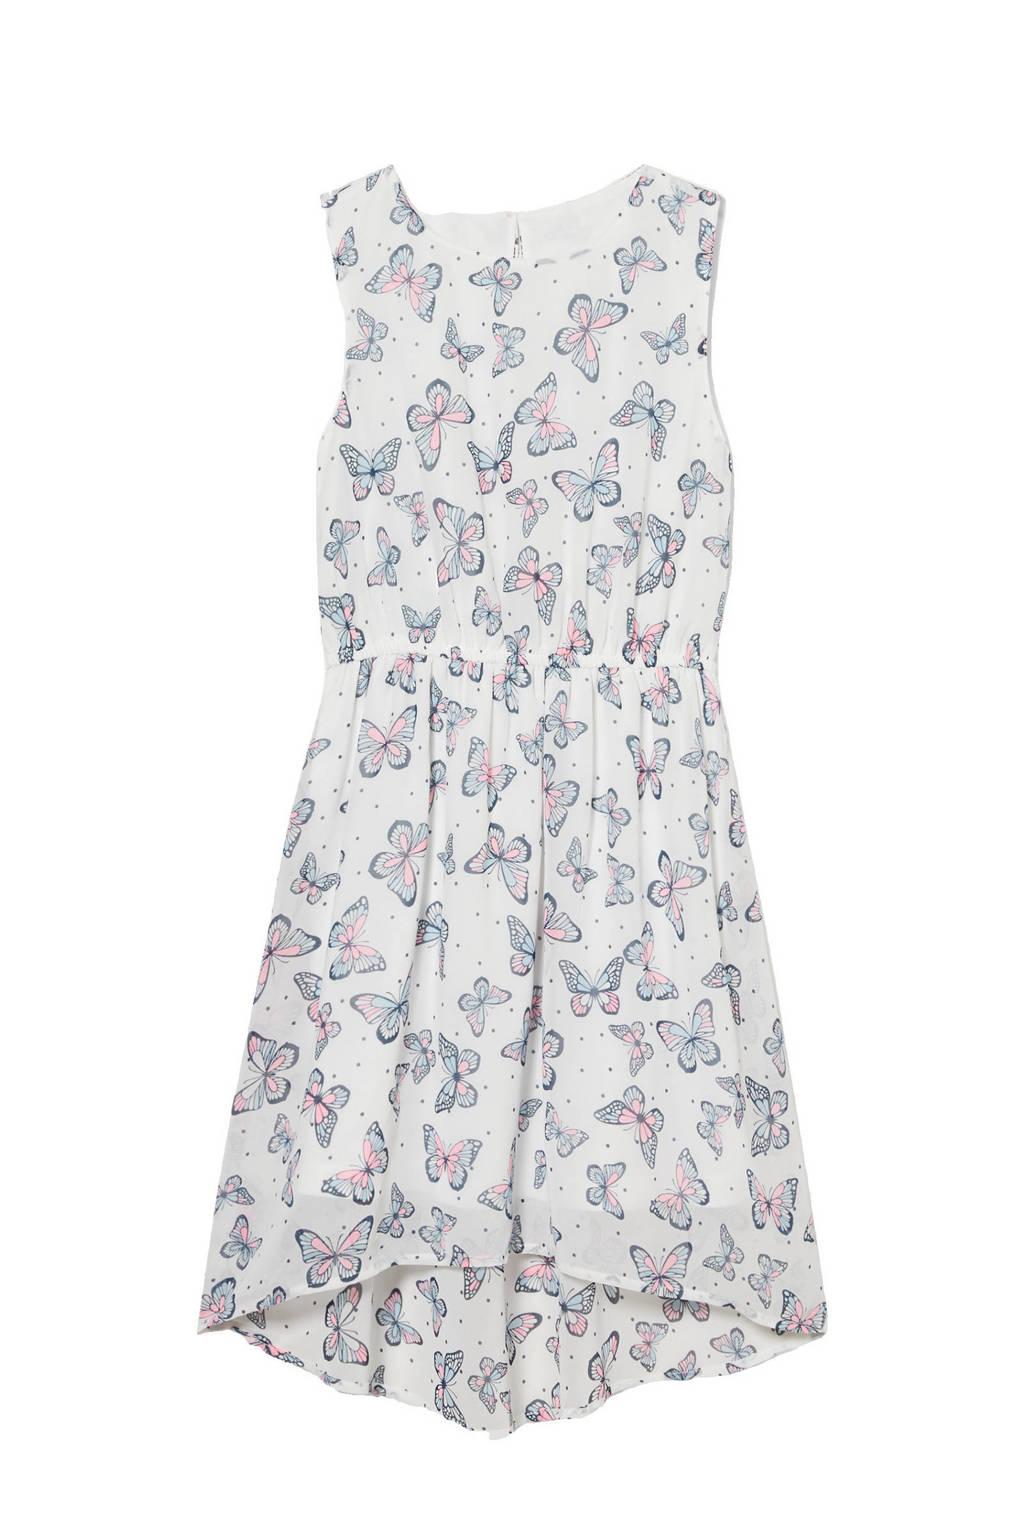 C&A Here & There jurk met dierenprint en plooien wit/lichtroze/lichtblauw, Wit/lichtroze/lichtblauw